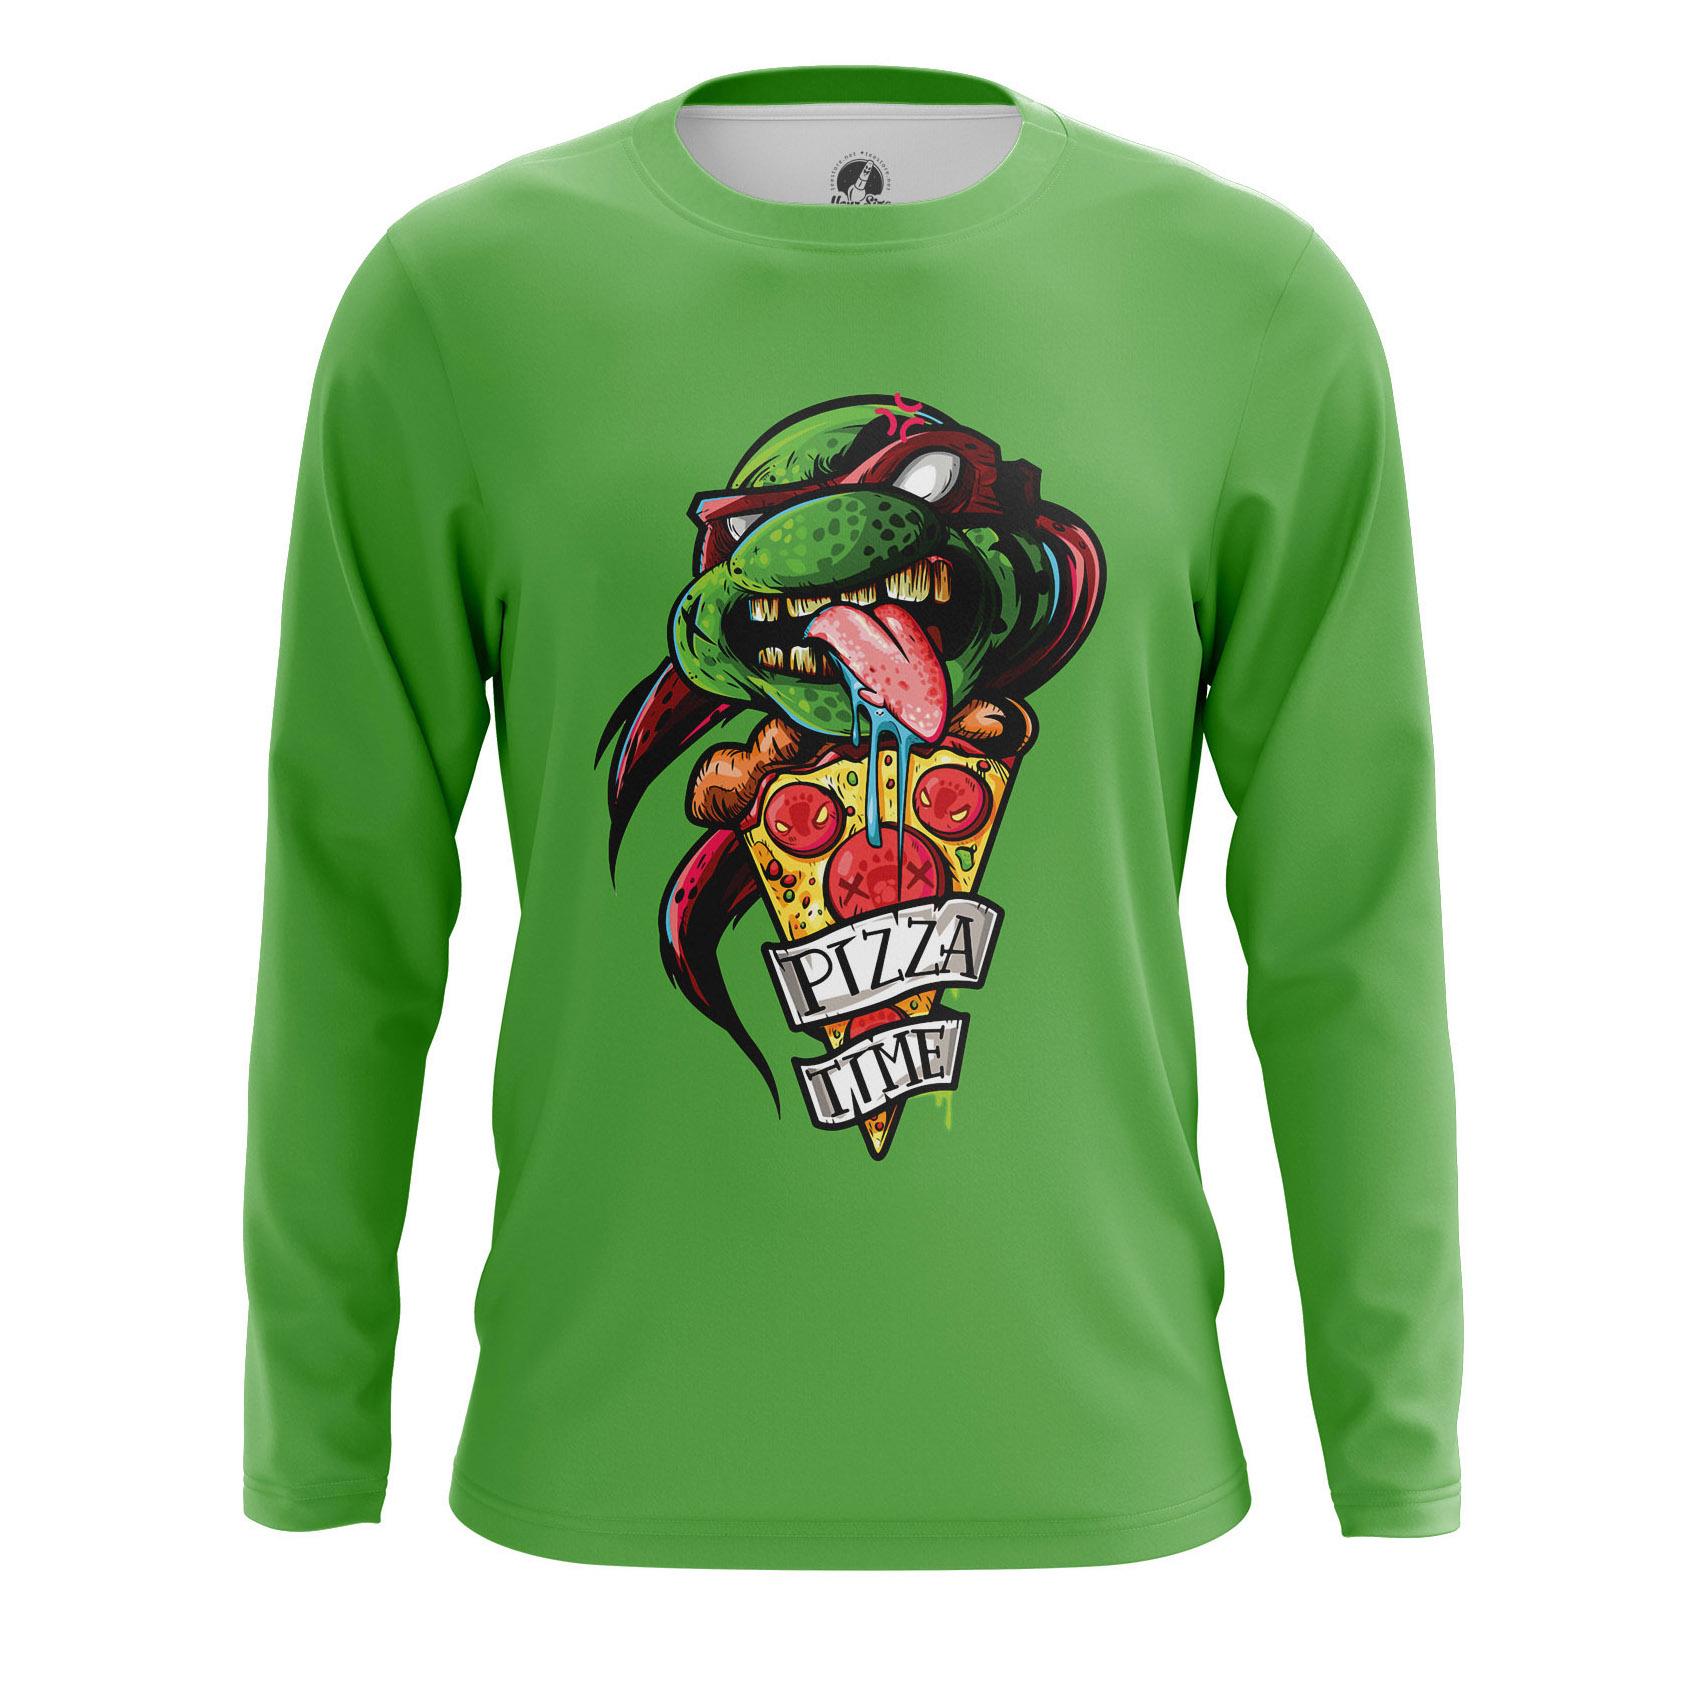 - M Lon Pizzatime 1482275403 484